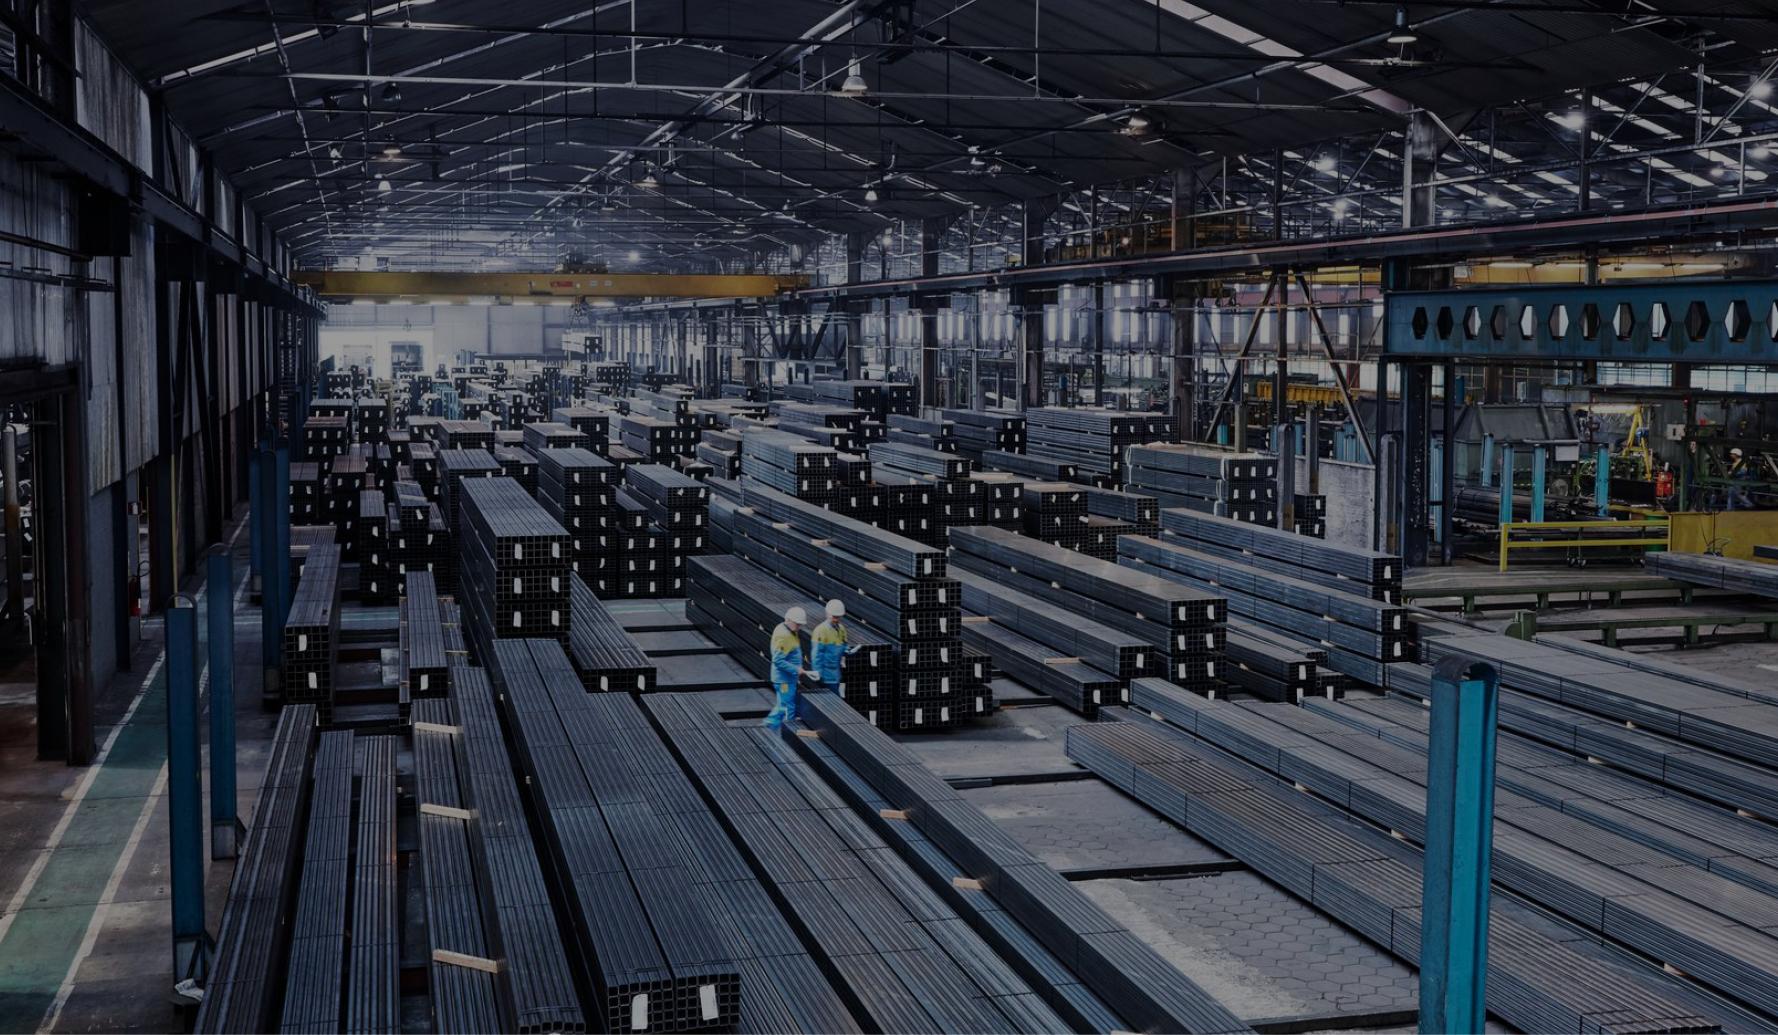 Steelport Maastricht, Zuid Nederlandse Buizen, Tata Steel Tubes, Tata Steel Feijen Service Centre, Tata Steel Multisteel Service Centre, Maasstaal, Laura Metaal, SteelSolutions, Vogten Staal. Decoilen, rol- en plaatbeitsen, slitten, knippen, snijden, buisfabricage, opslag, transport